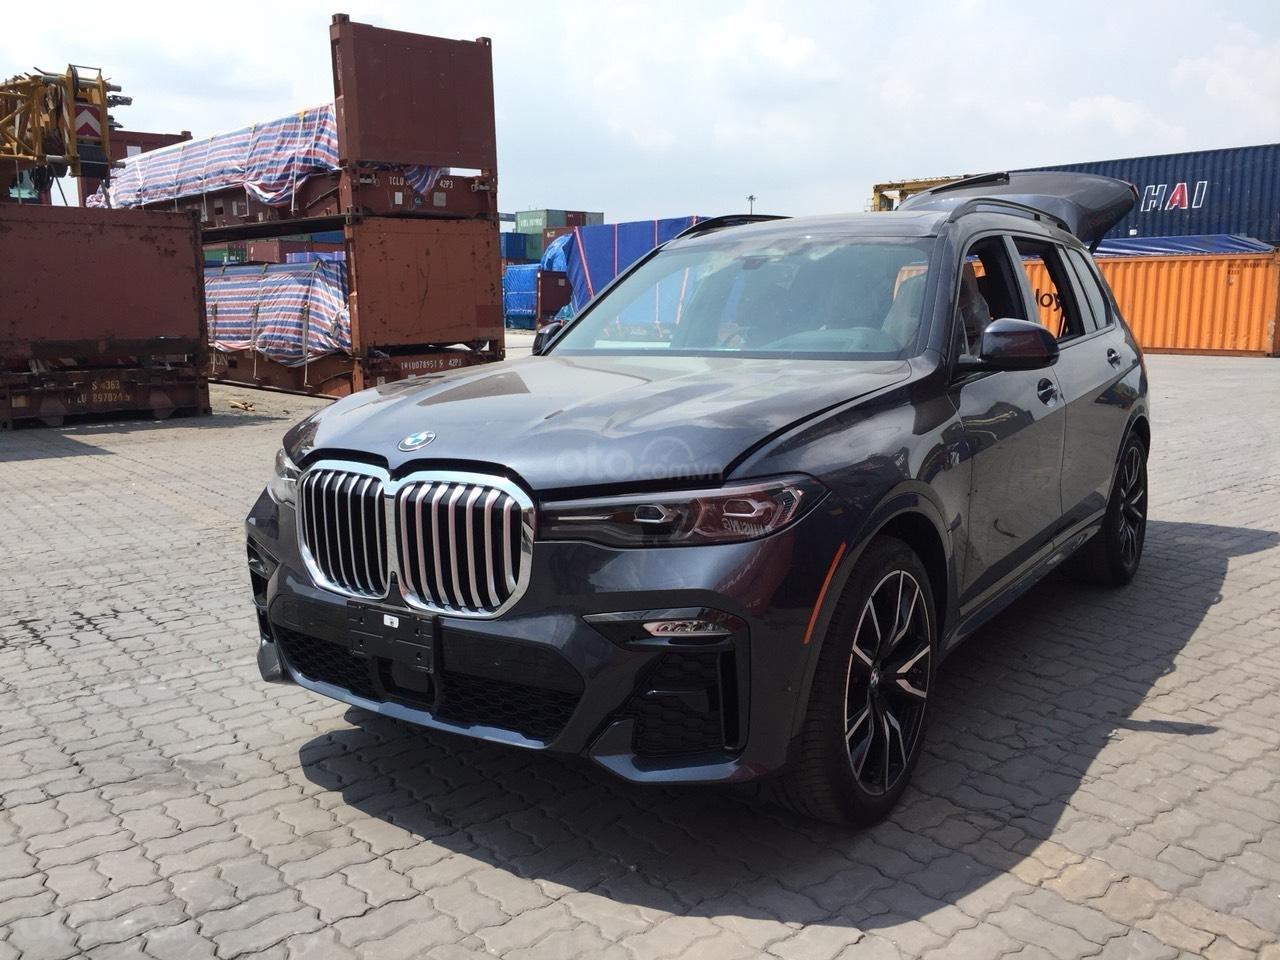 Bán BMW X7 M-sport xdrive 40i, đủ màu giao ngay, xe full option, nhận ép biển đẹp (2)